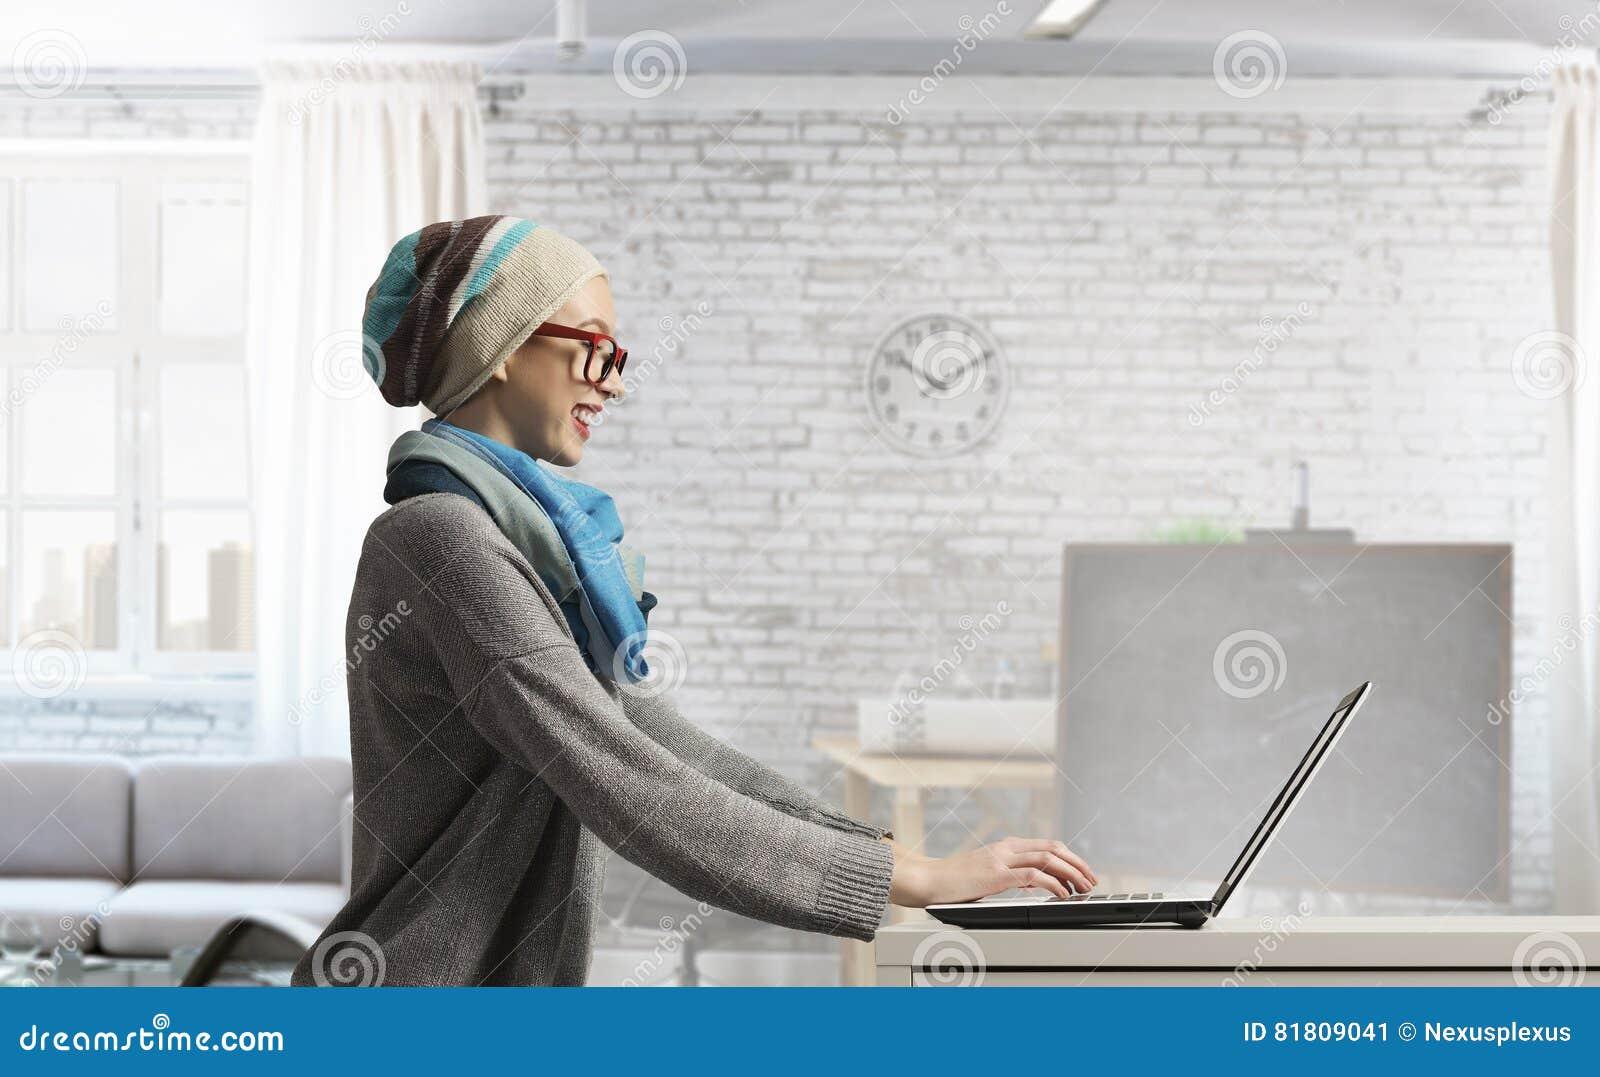 Она занимается серфингом интернет Мультимедиа